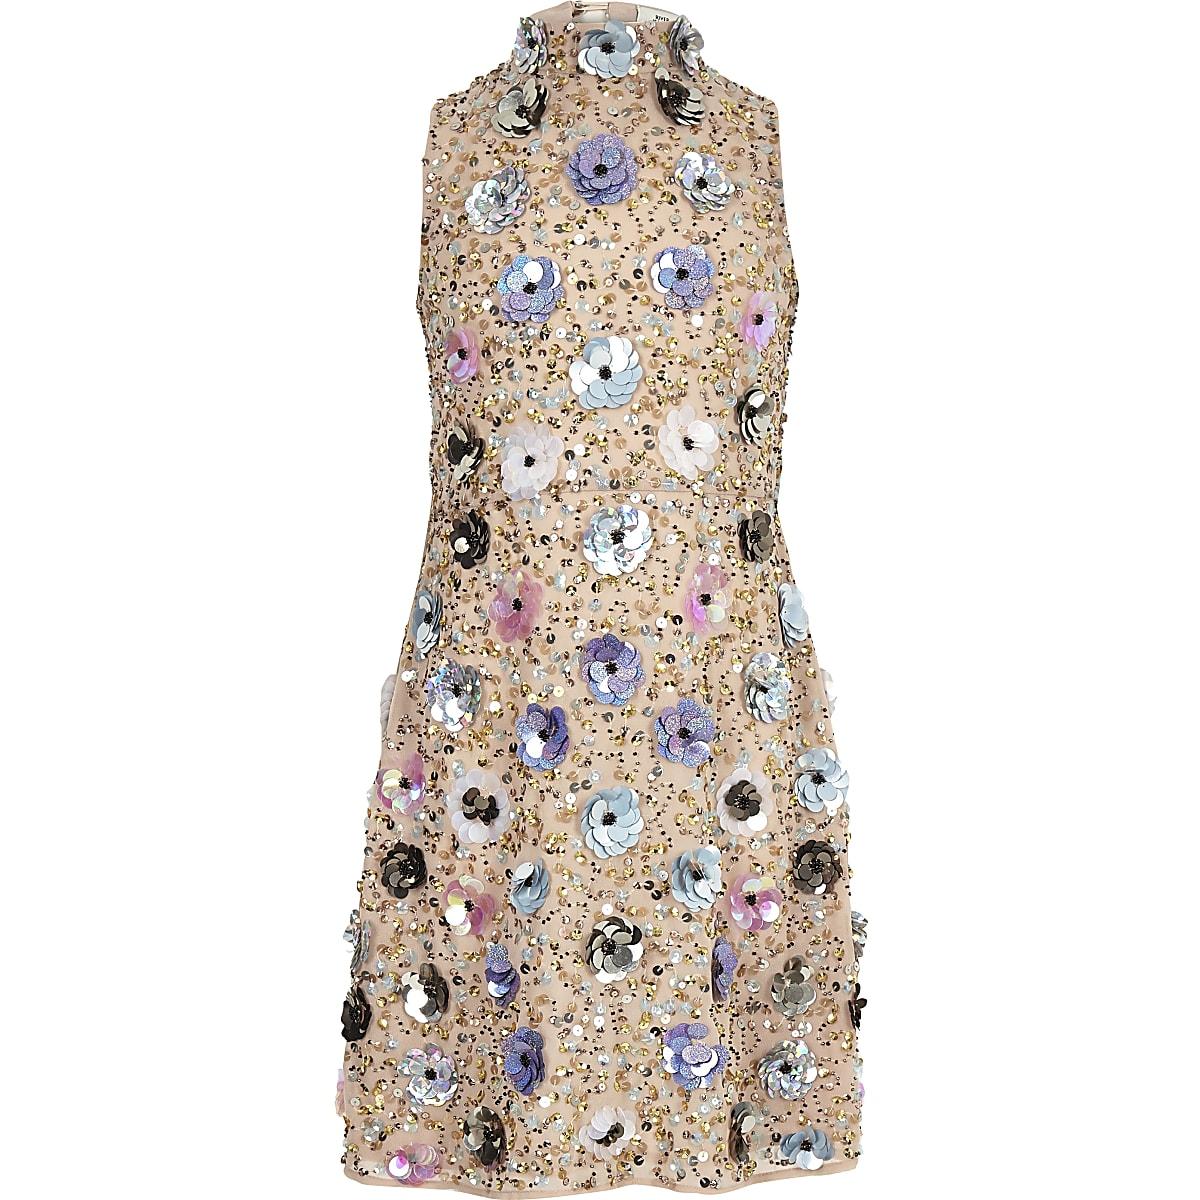 Beige jurk met 3D-bloemversiering voor meisjes